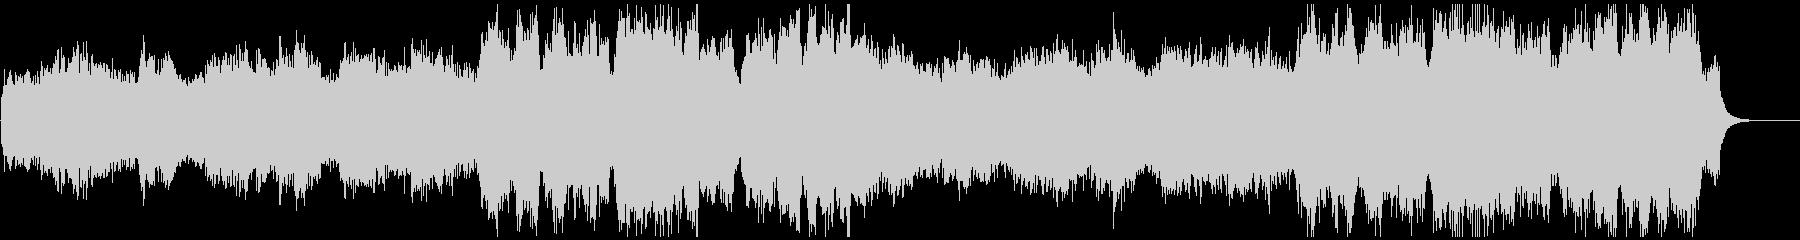 定番Xmasキャロルのコーラスアレンジの未再生の波形